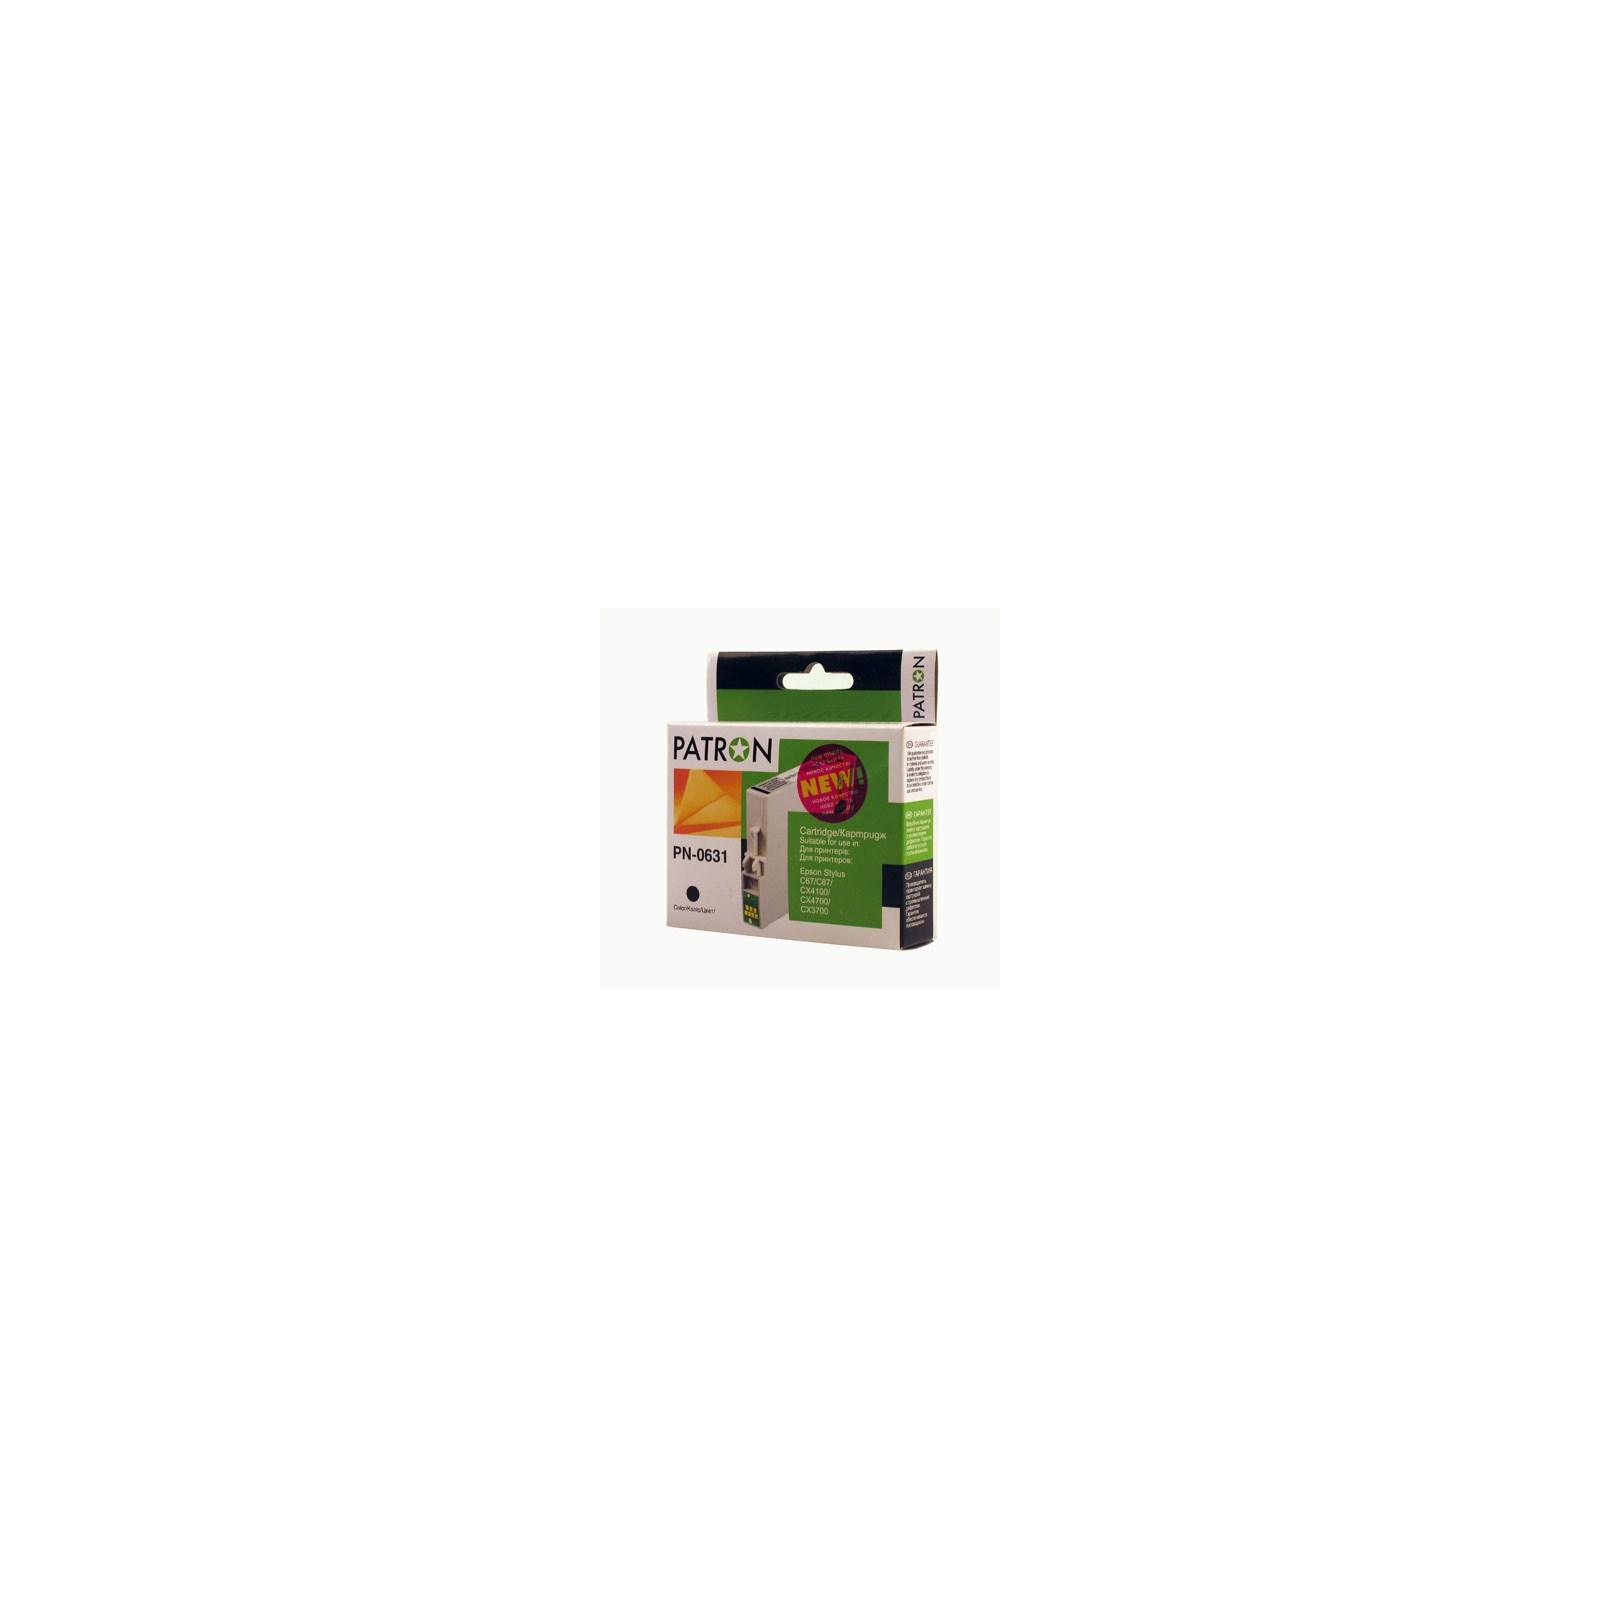 Картридж PATRON для Epson StC67/87 CX3700/4100 blac (CI-EPS-T06314A-B-PN)